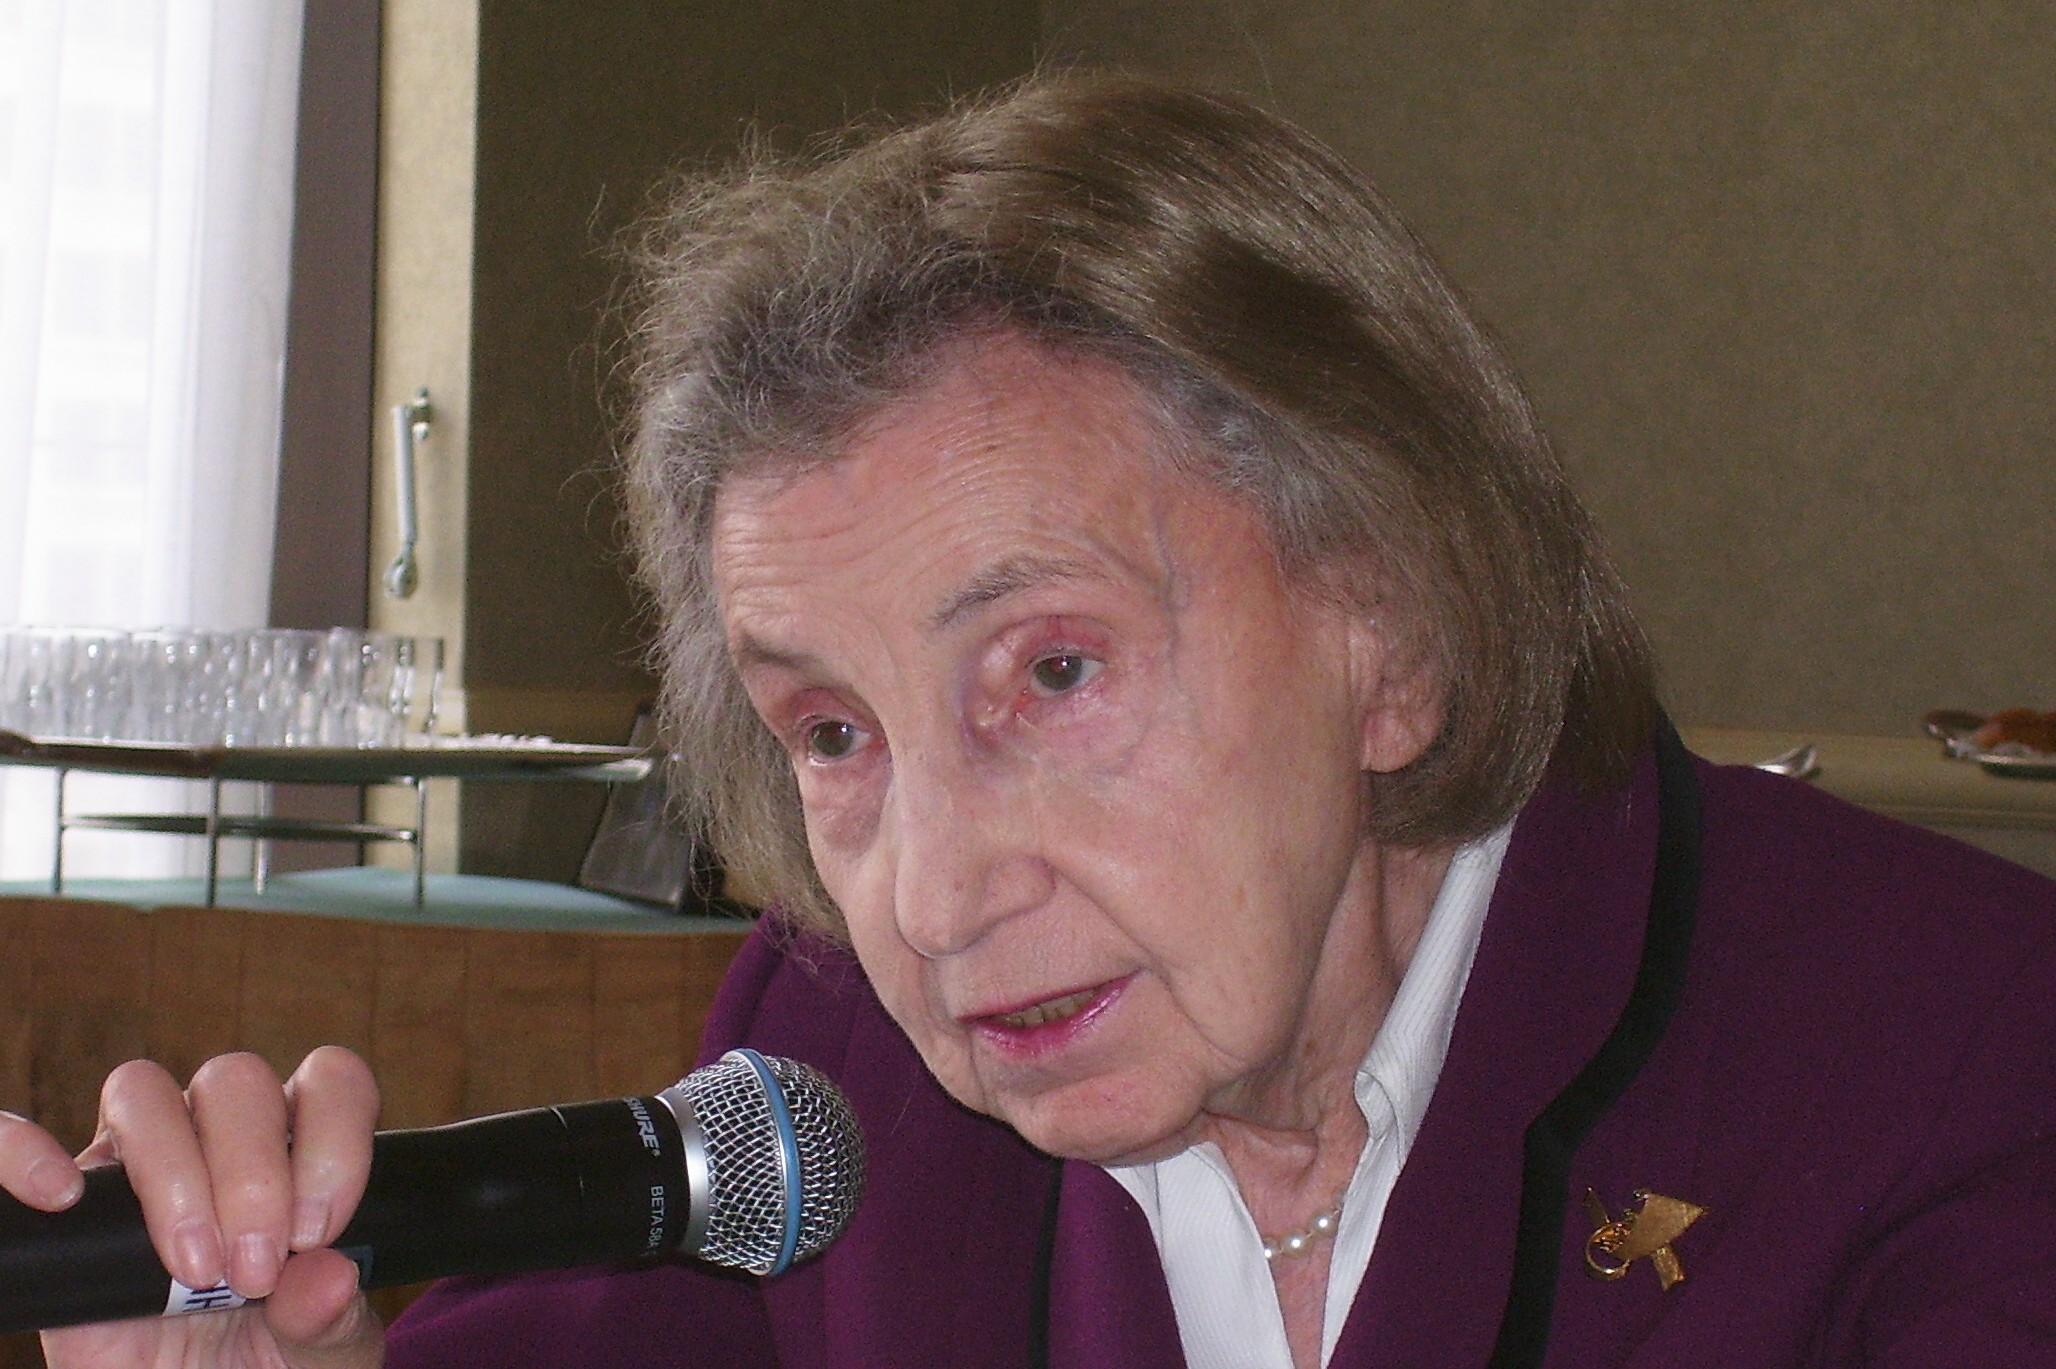 Vladka Meed